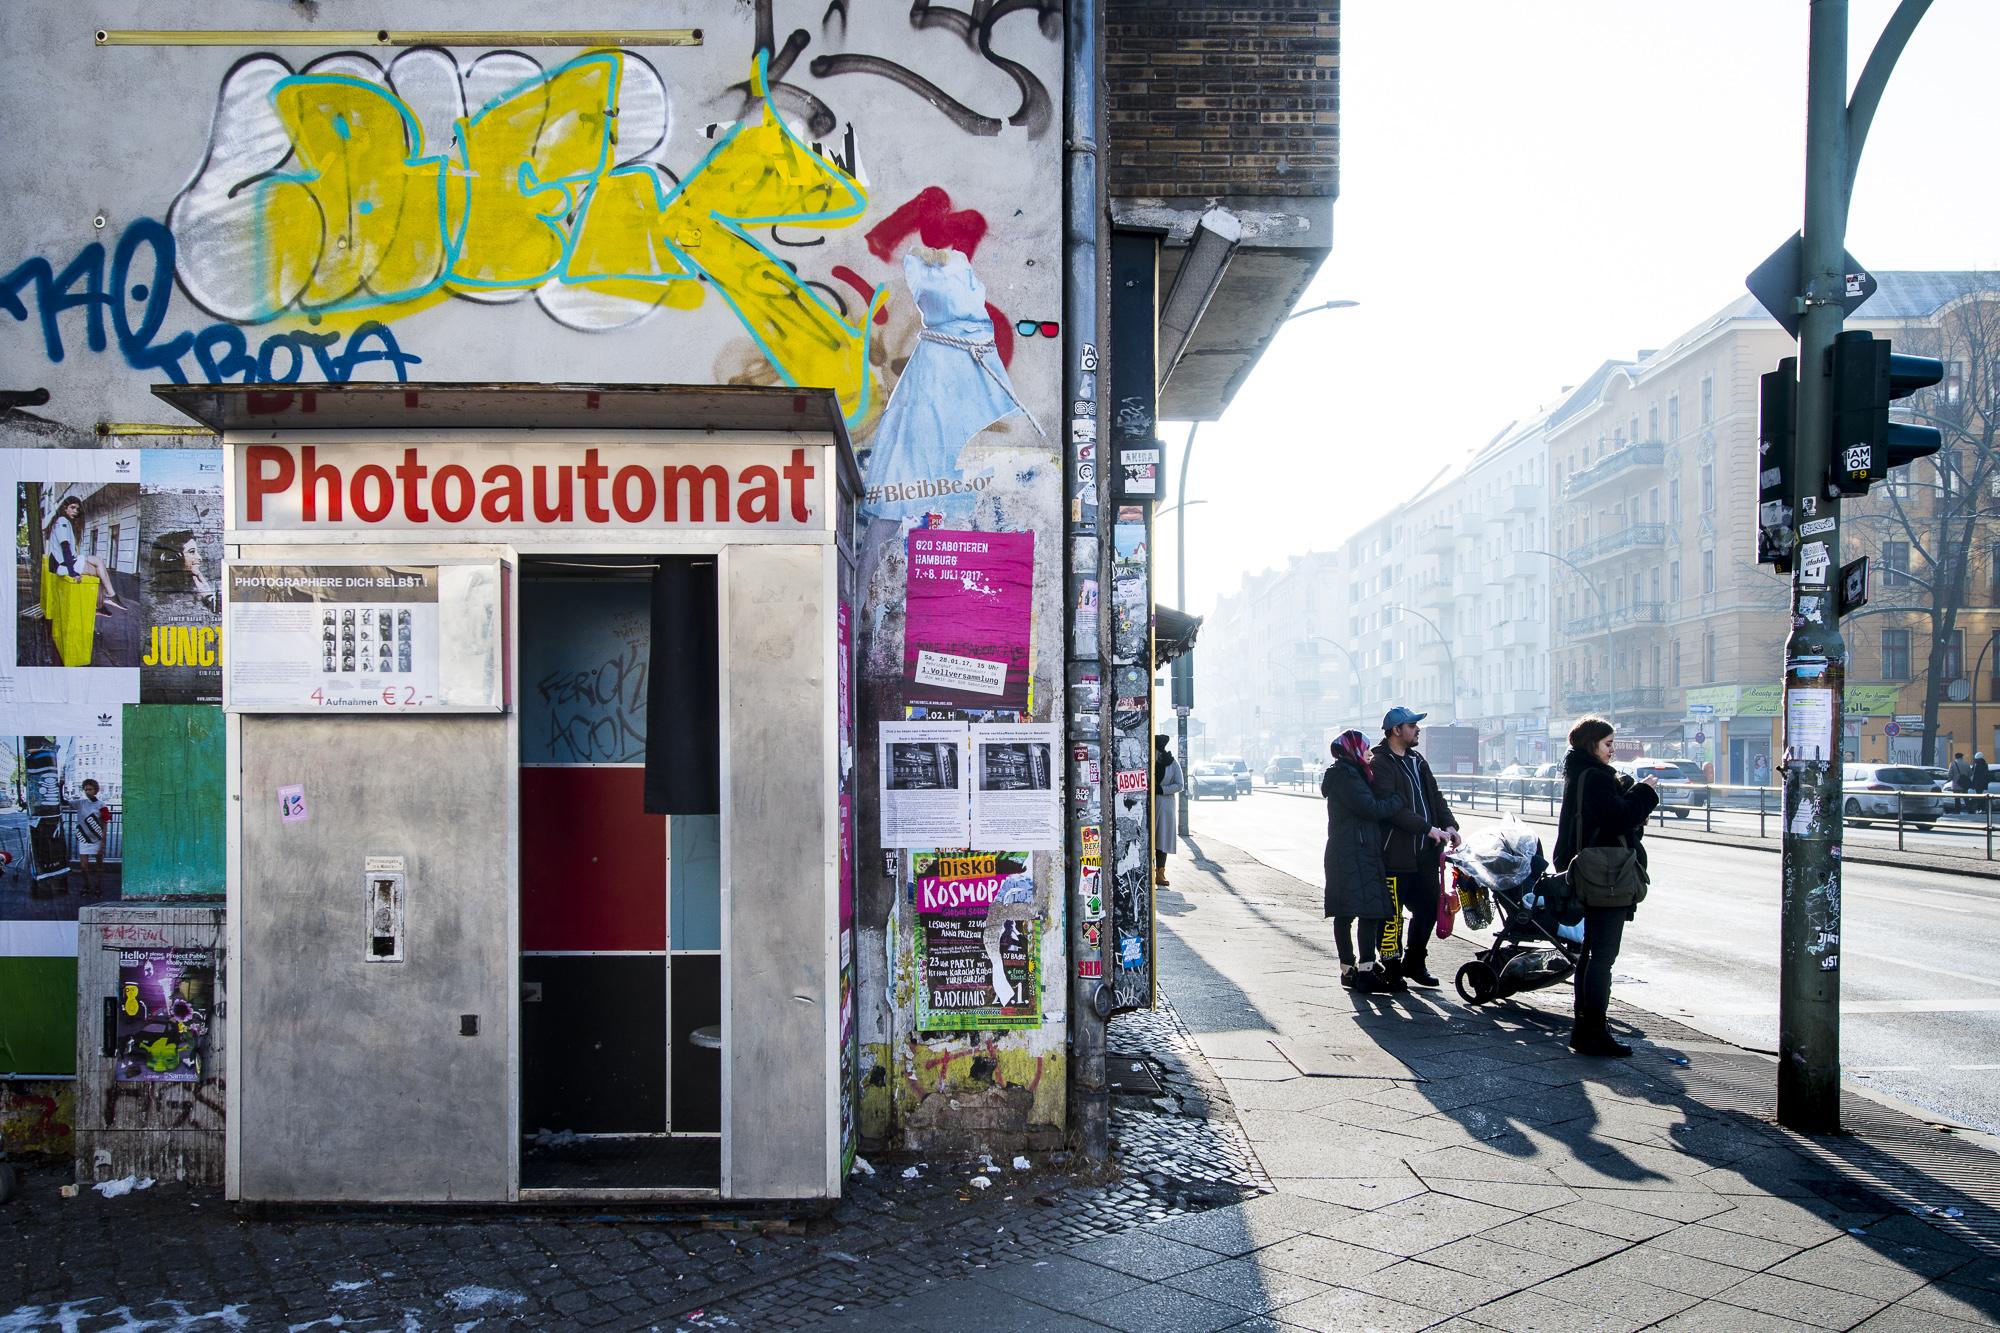 Hermannstraße 227  PHOTOGRAPHY: ALEXANDER J.E. BRADLEY • NIKON D500 • AF-S NIKKOR 14-24MM F/2.8G ED @ 21MM • F/8 • 1/320 • ISO 100